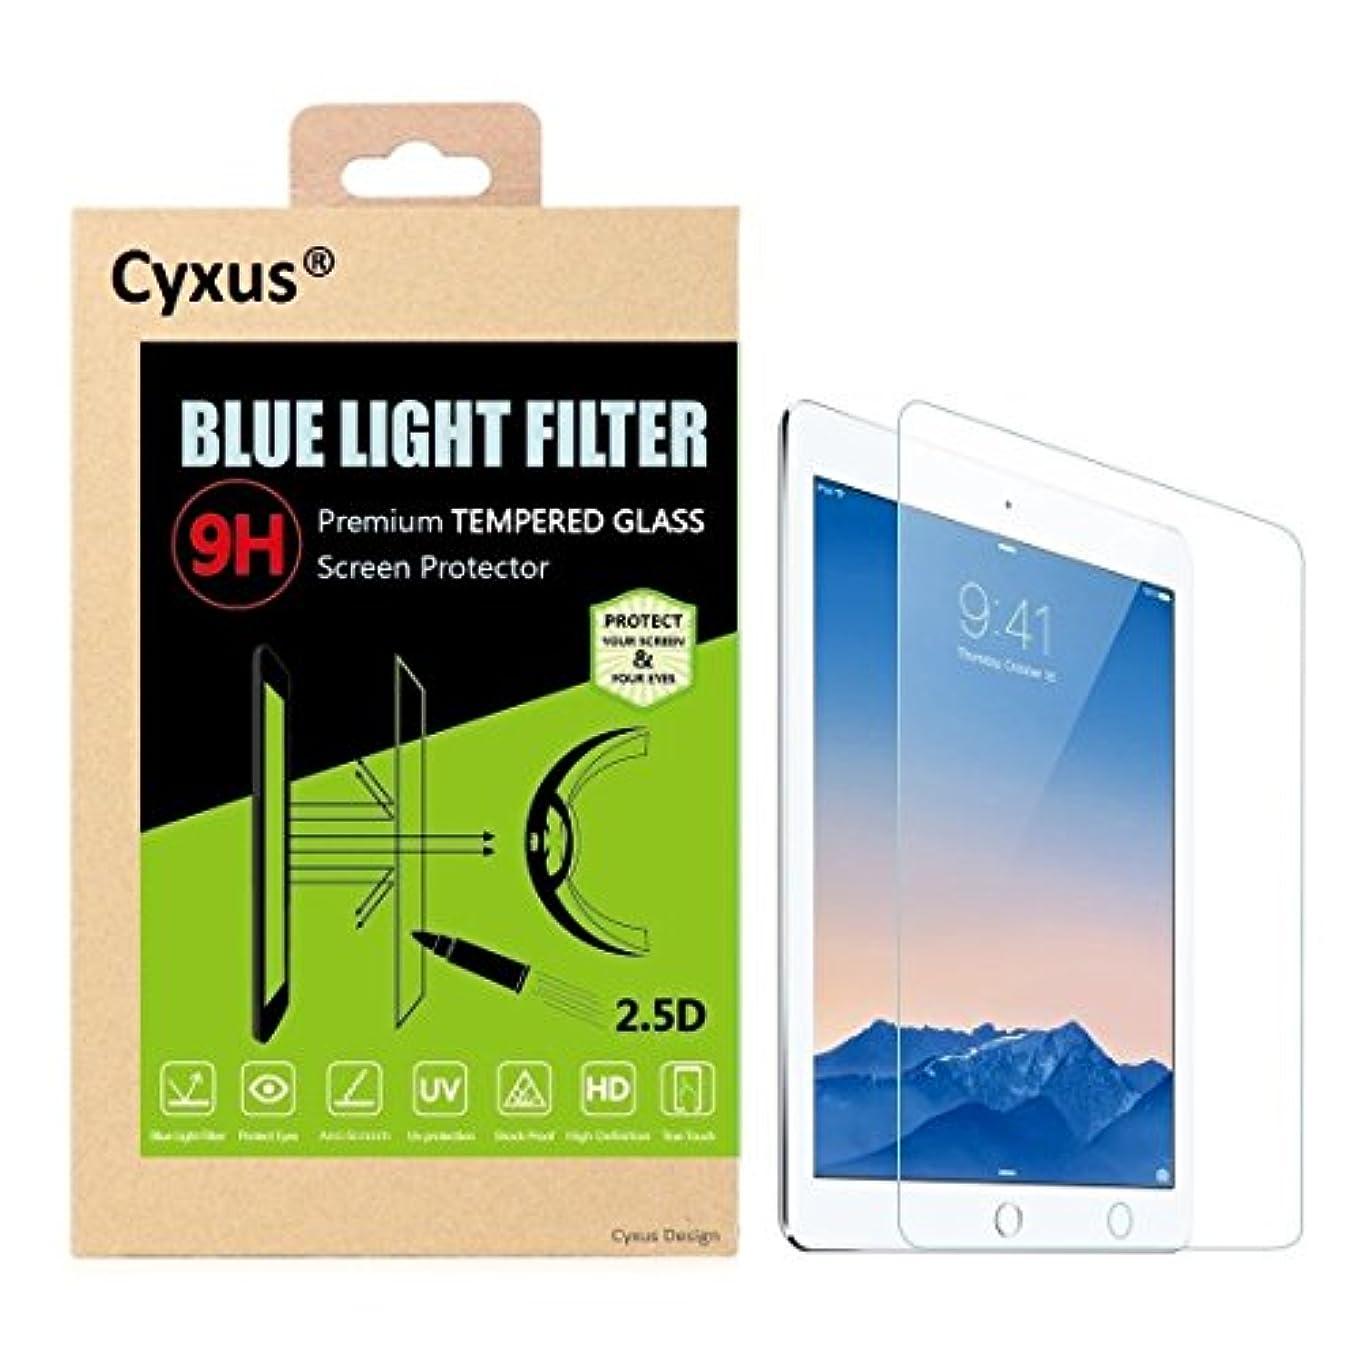 に慣れシソーラスうれしいCyxus ブルーレイ青色光防止 高光沢気泡極薄指紋液晶保護9Hの硬度強化ガラス保護フィルム Apple iPad 10.5